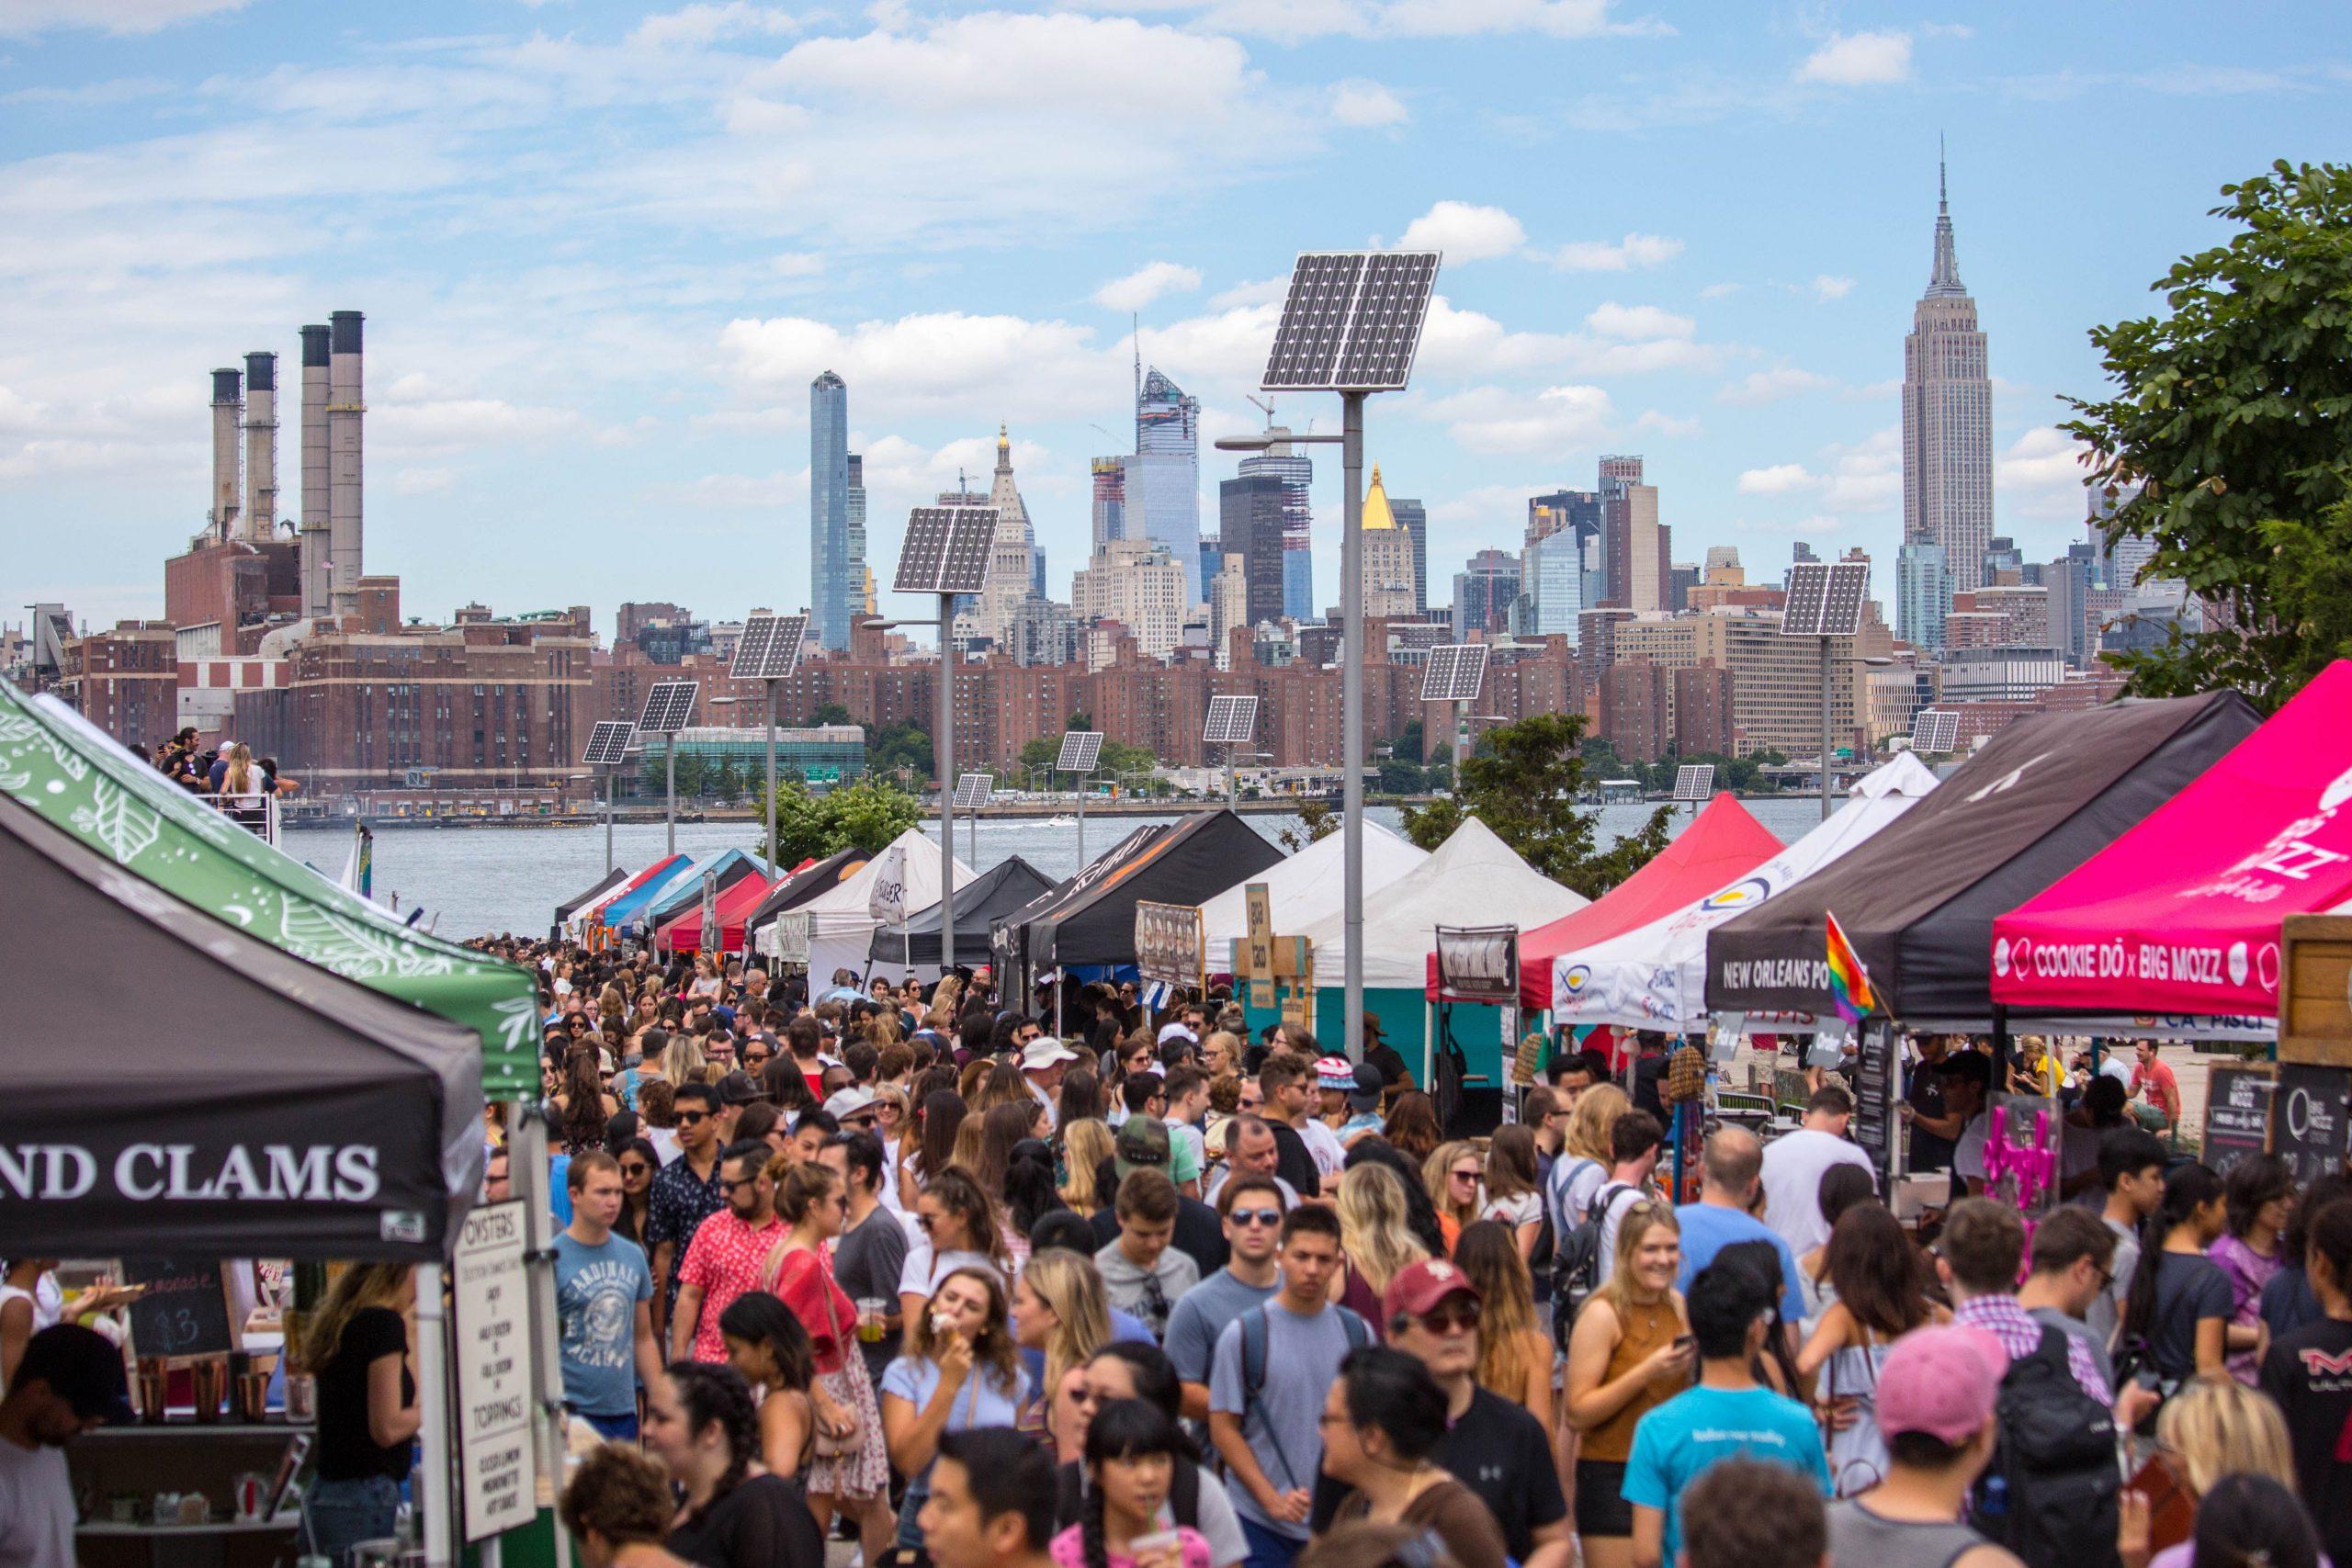 Foto das pessoas e das barracas durante o Smorgasburg , uma das feirinhas de comida mais famosas de Nova York, que acontece no verão